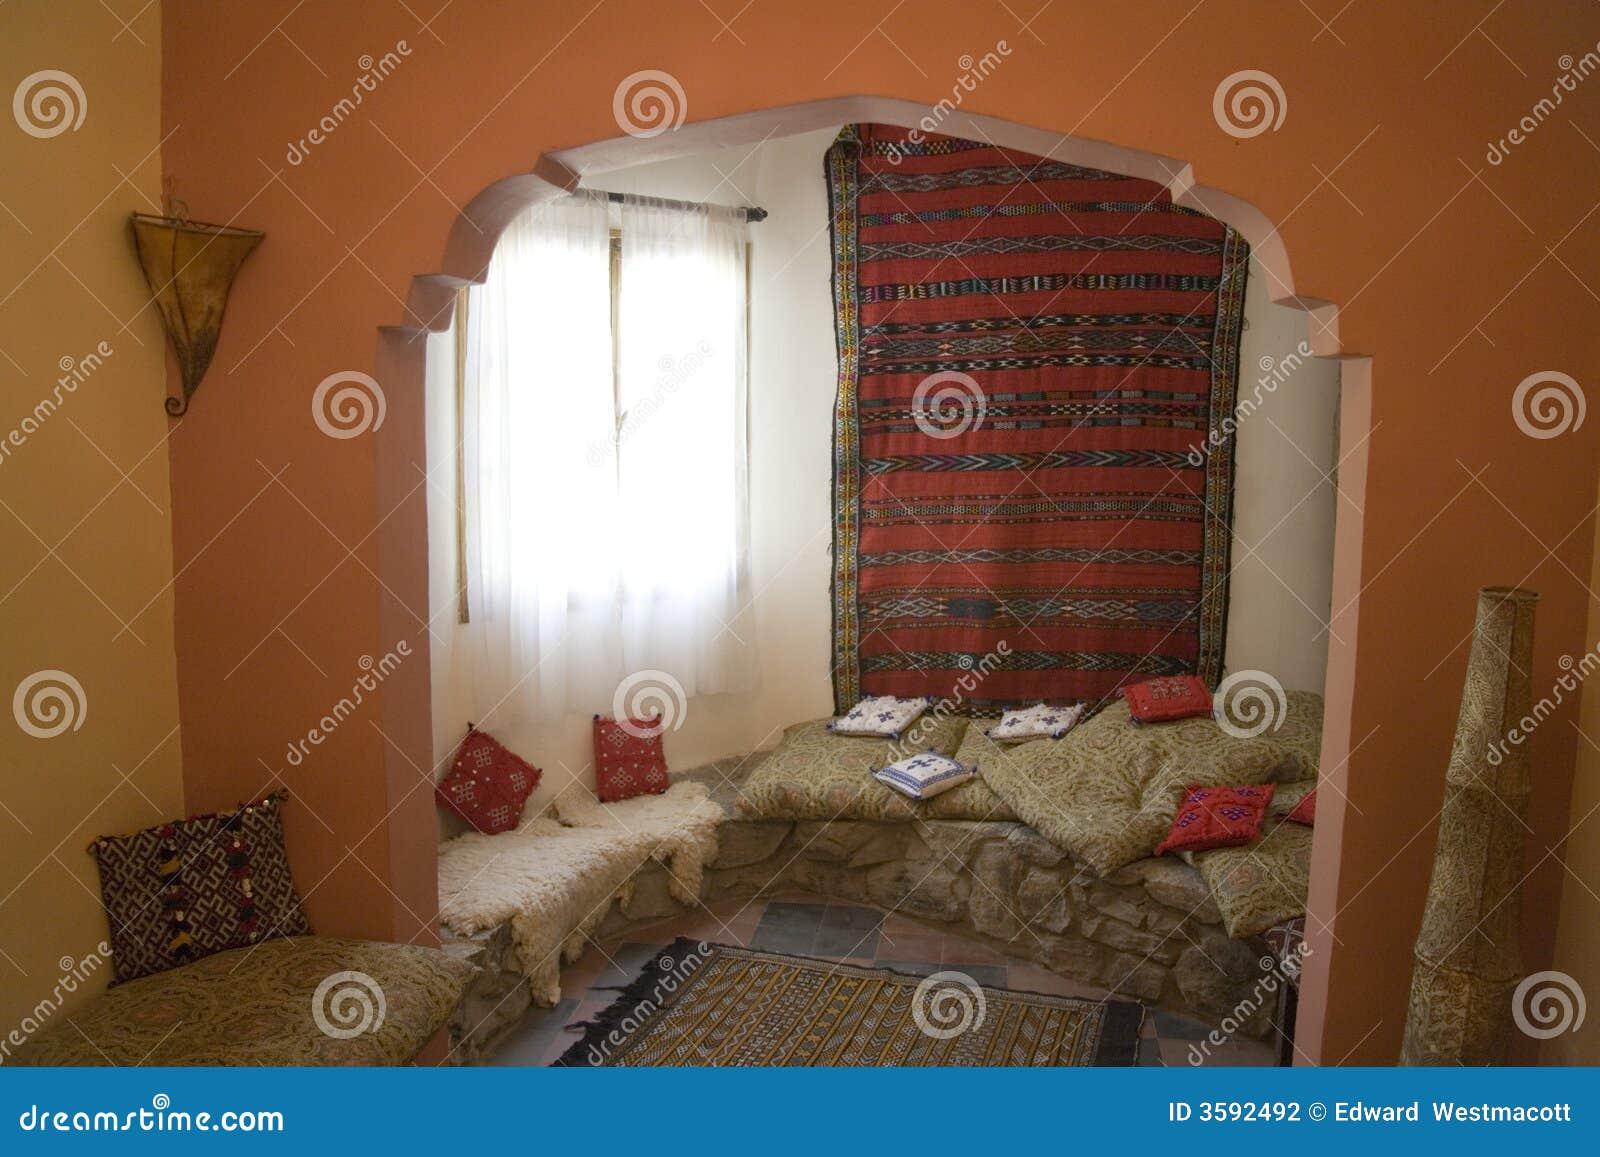 https://thumbs.dreamstime.com/z/marokkaans-woonkamerbinnenland-3592492.jpg